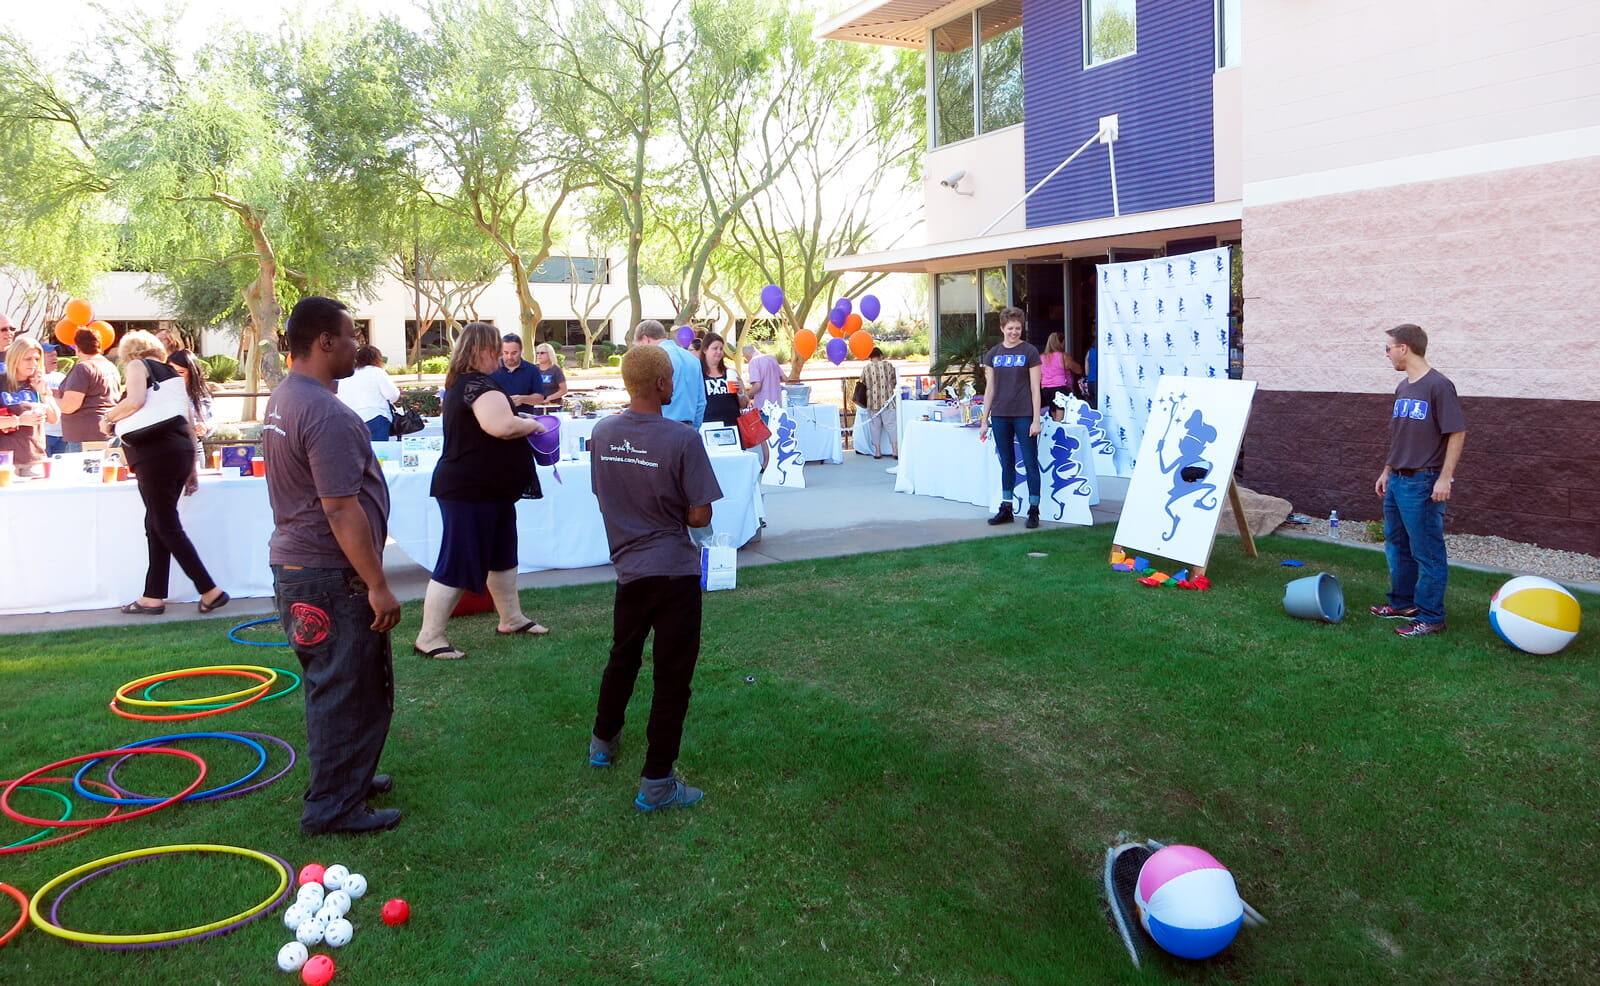 Fairytale team building activity